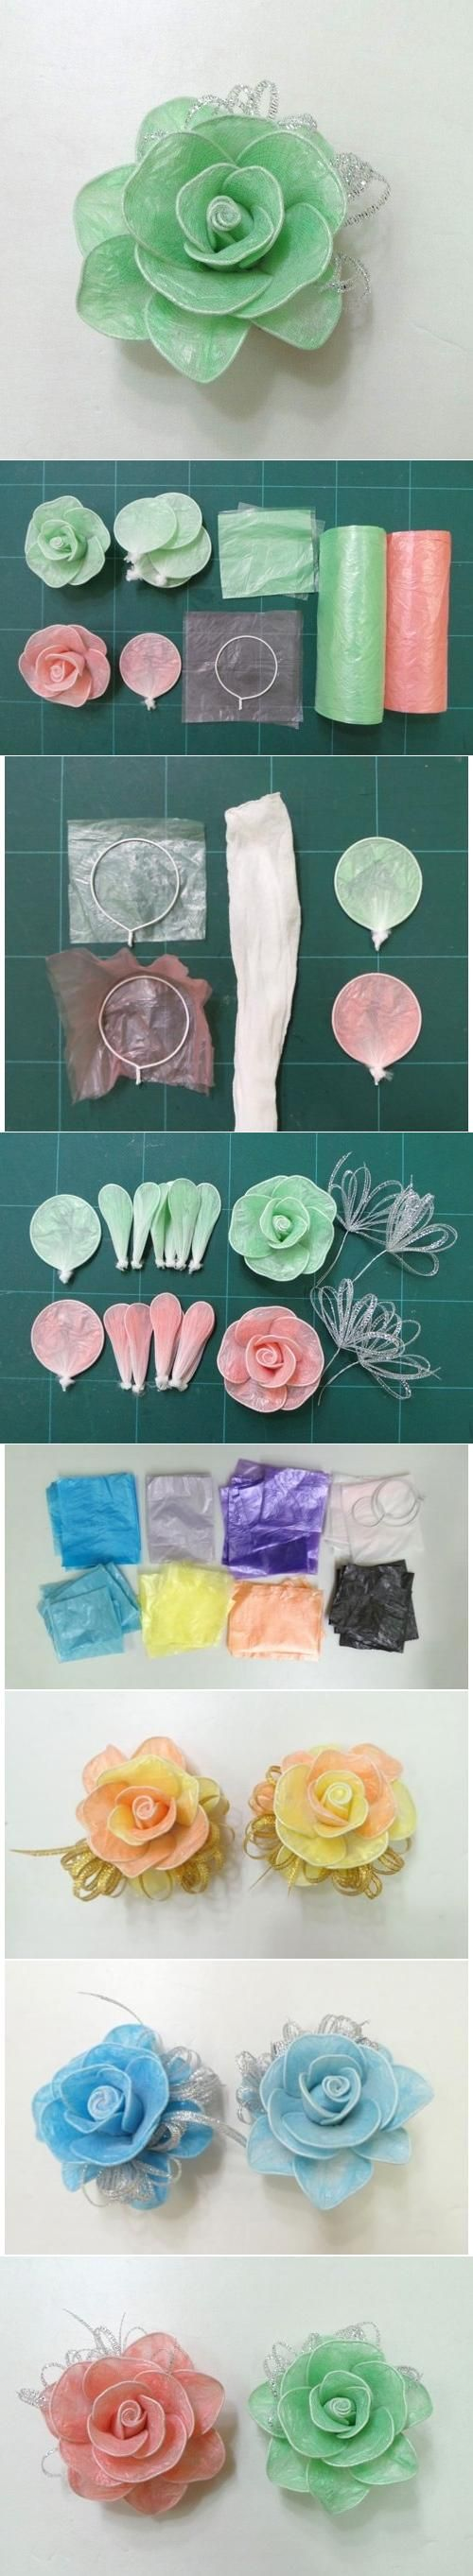 DIY Plastic Bag Roses